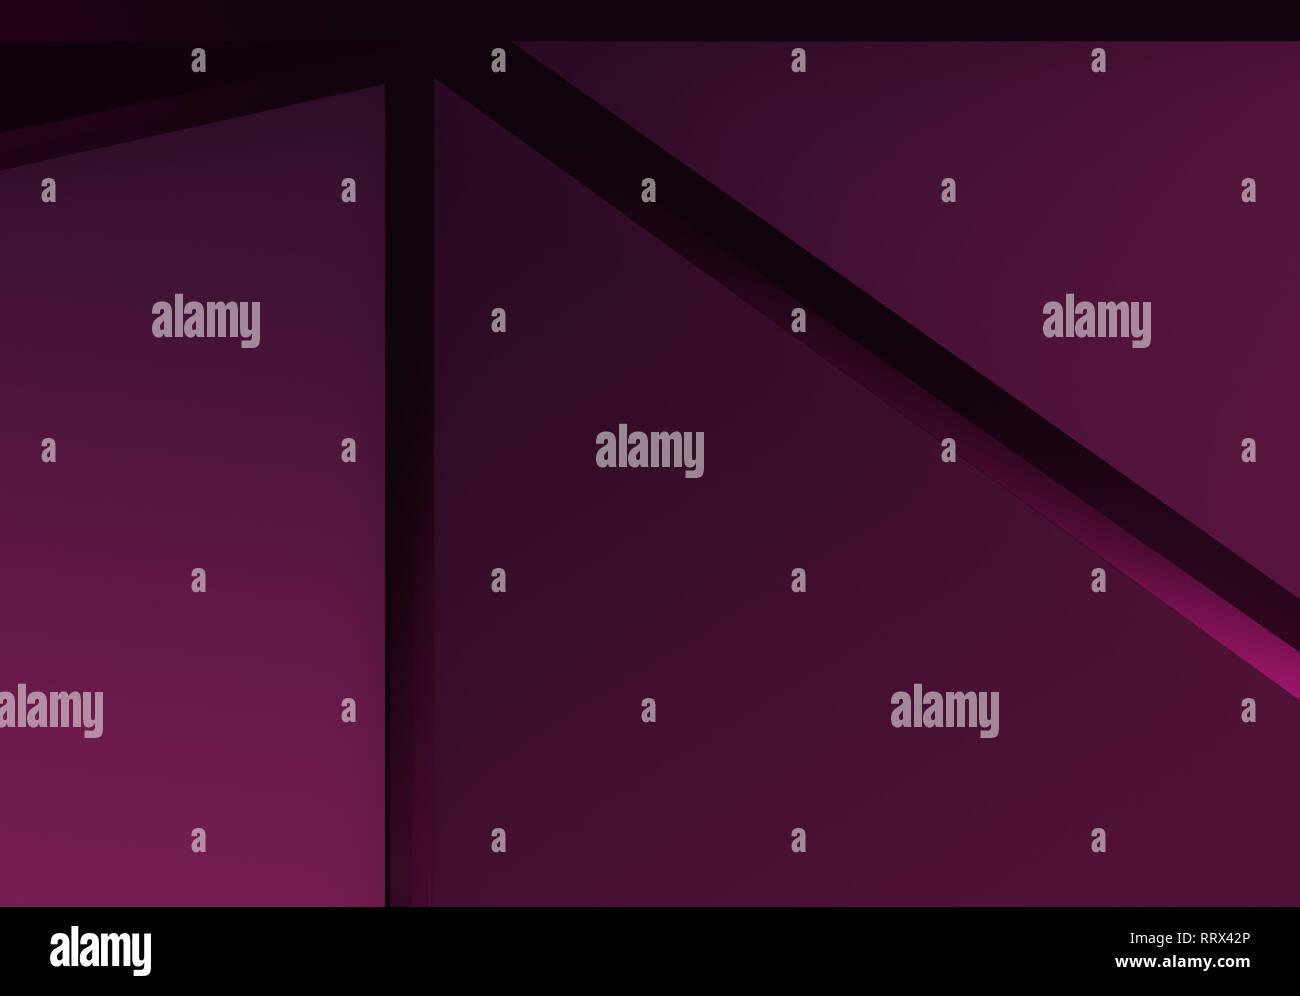 Abstract violet et rose fond vecteur polygonale. Illustration vecteur géométrique, modèle de conception créative. Photo Stock